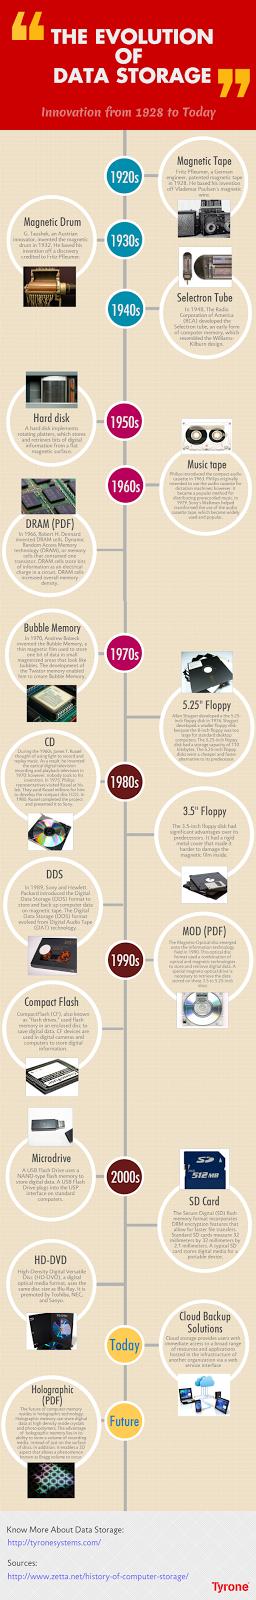 History-Data-storage